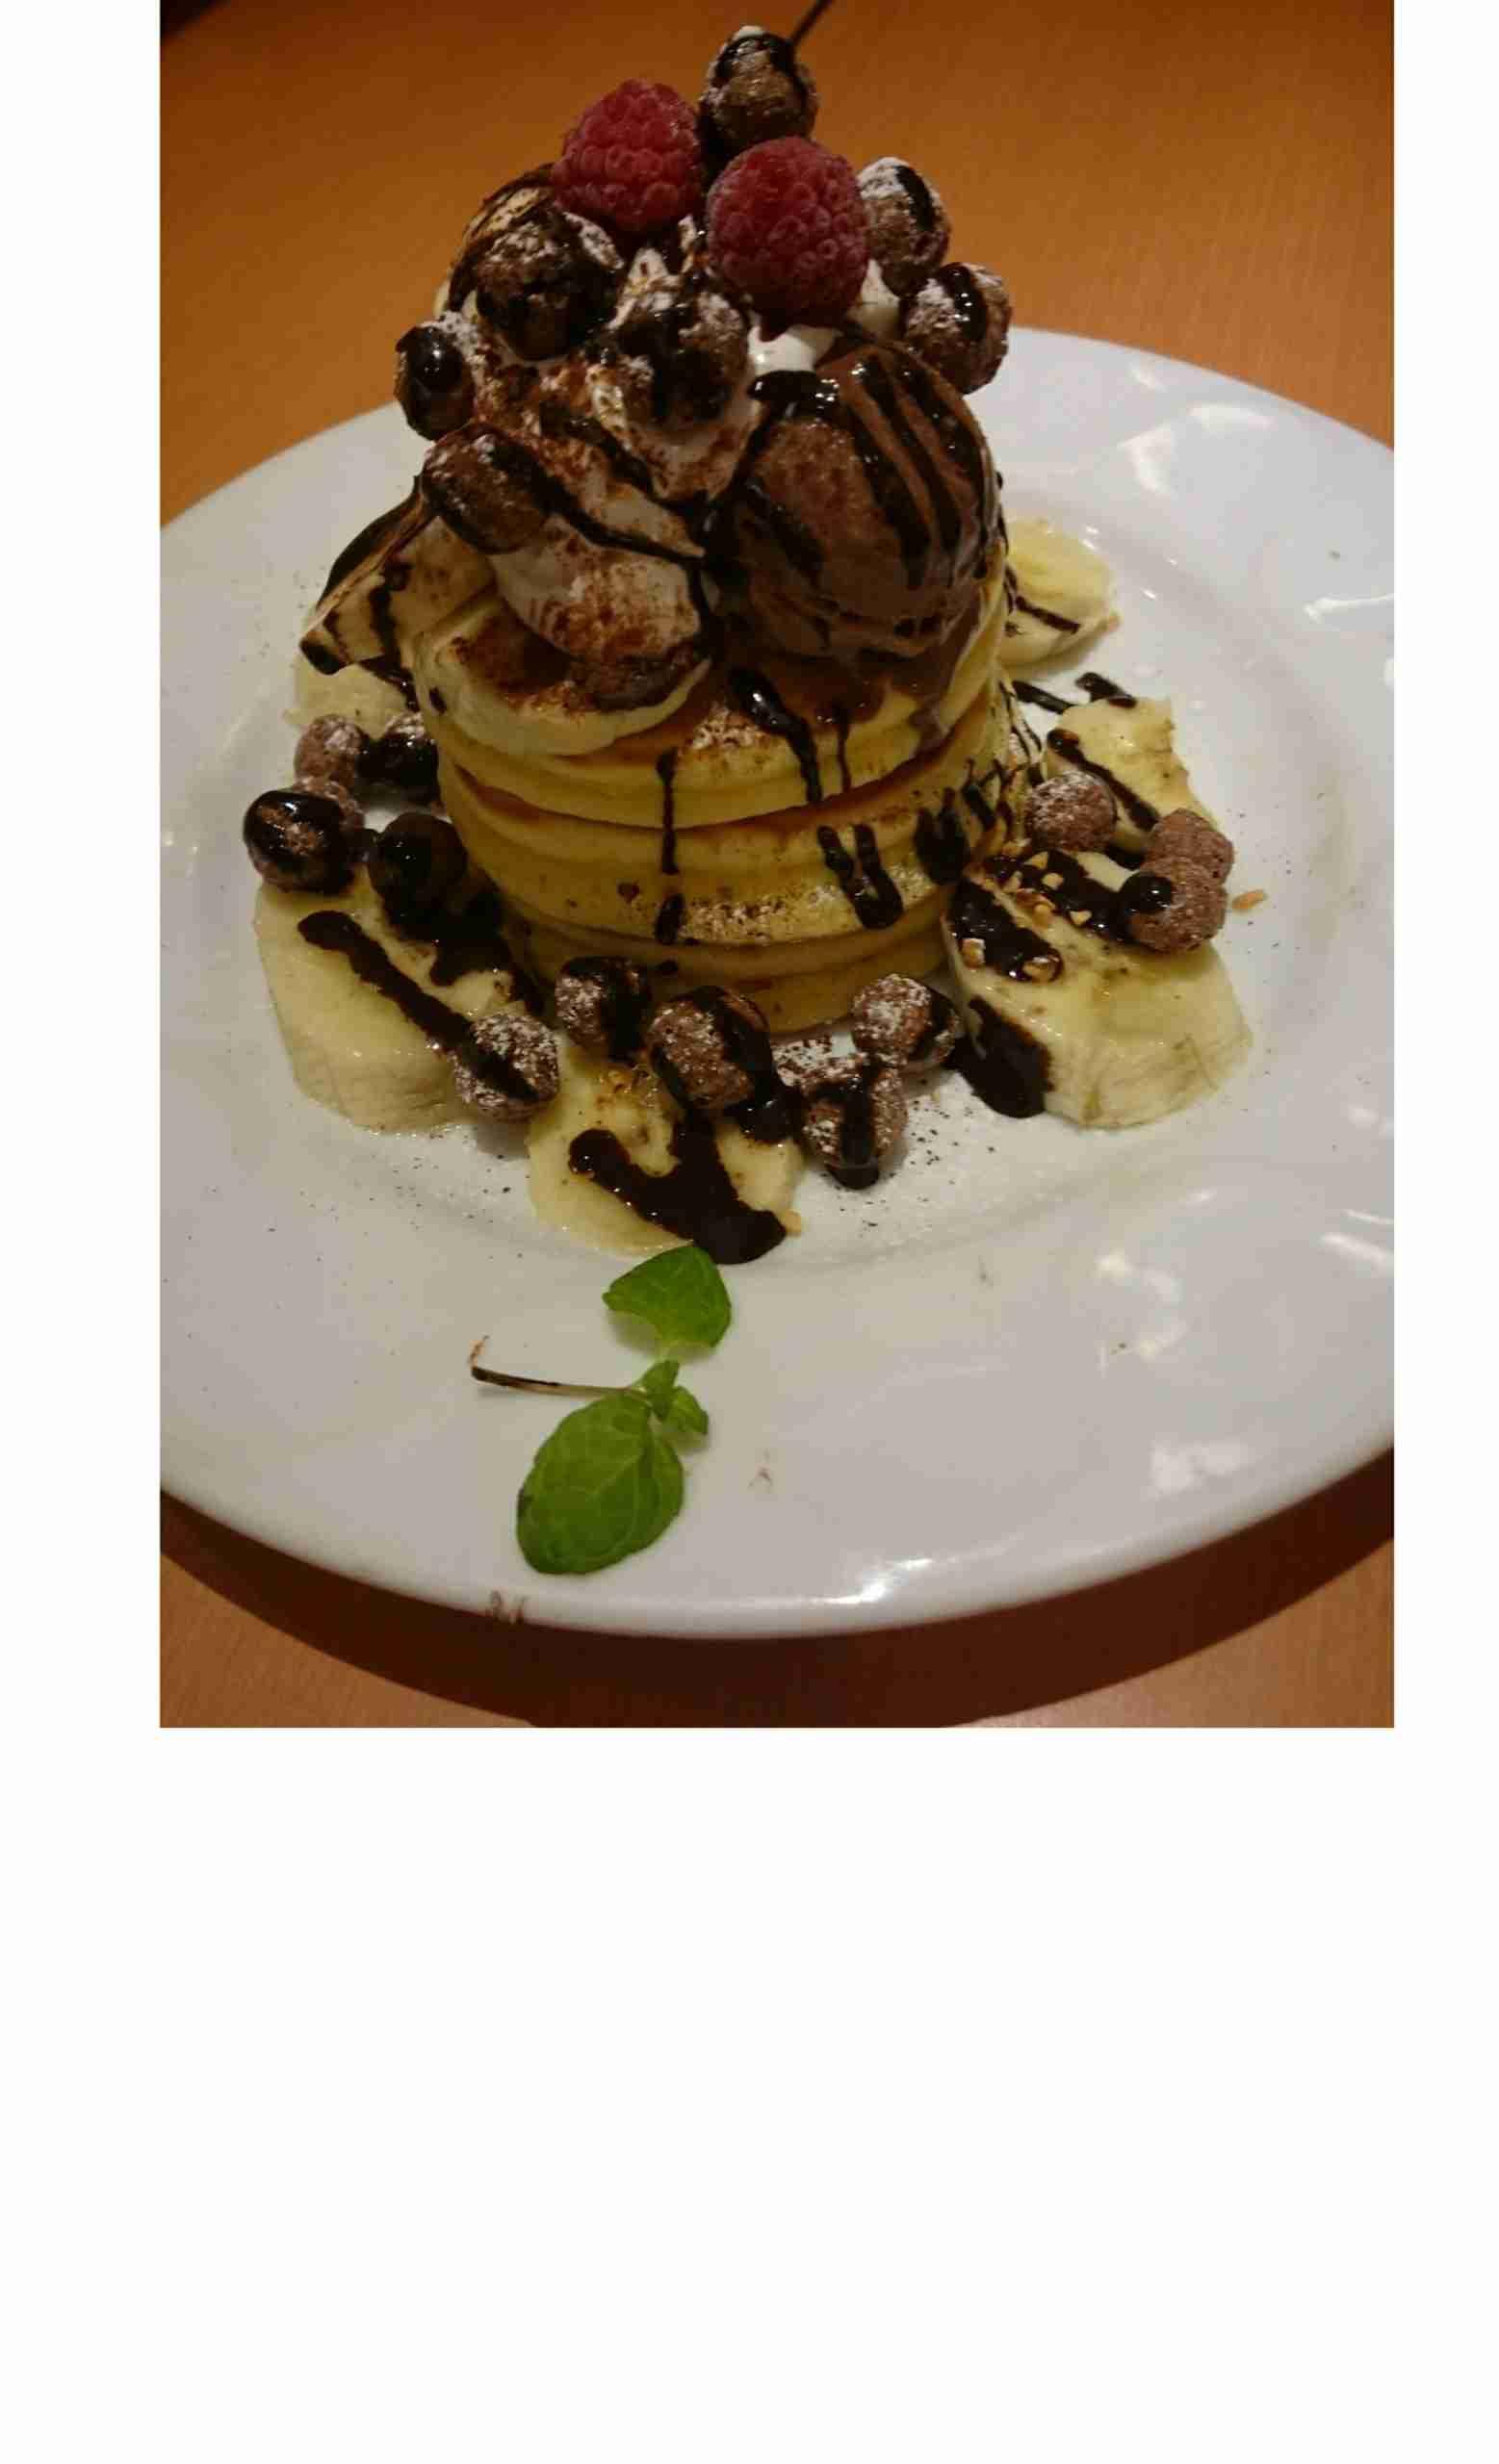 【飯テロ】携帯に入ってる食事写真で1番よく撮れているものを貼っていくスレ